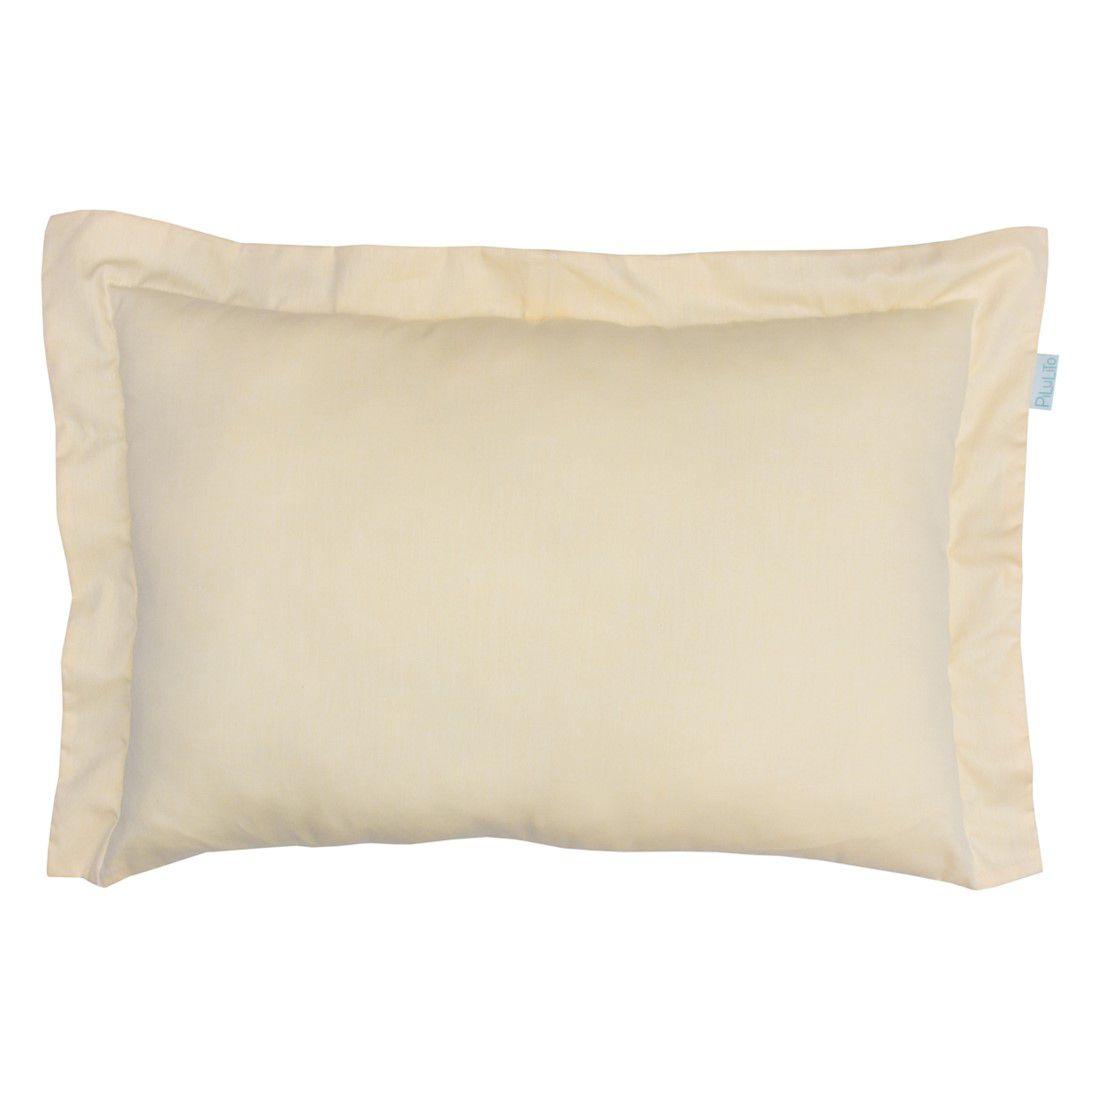 Capa de almofada de cabeceira 60x40cm amarelo suave